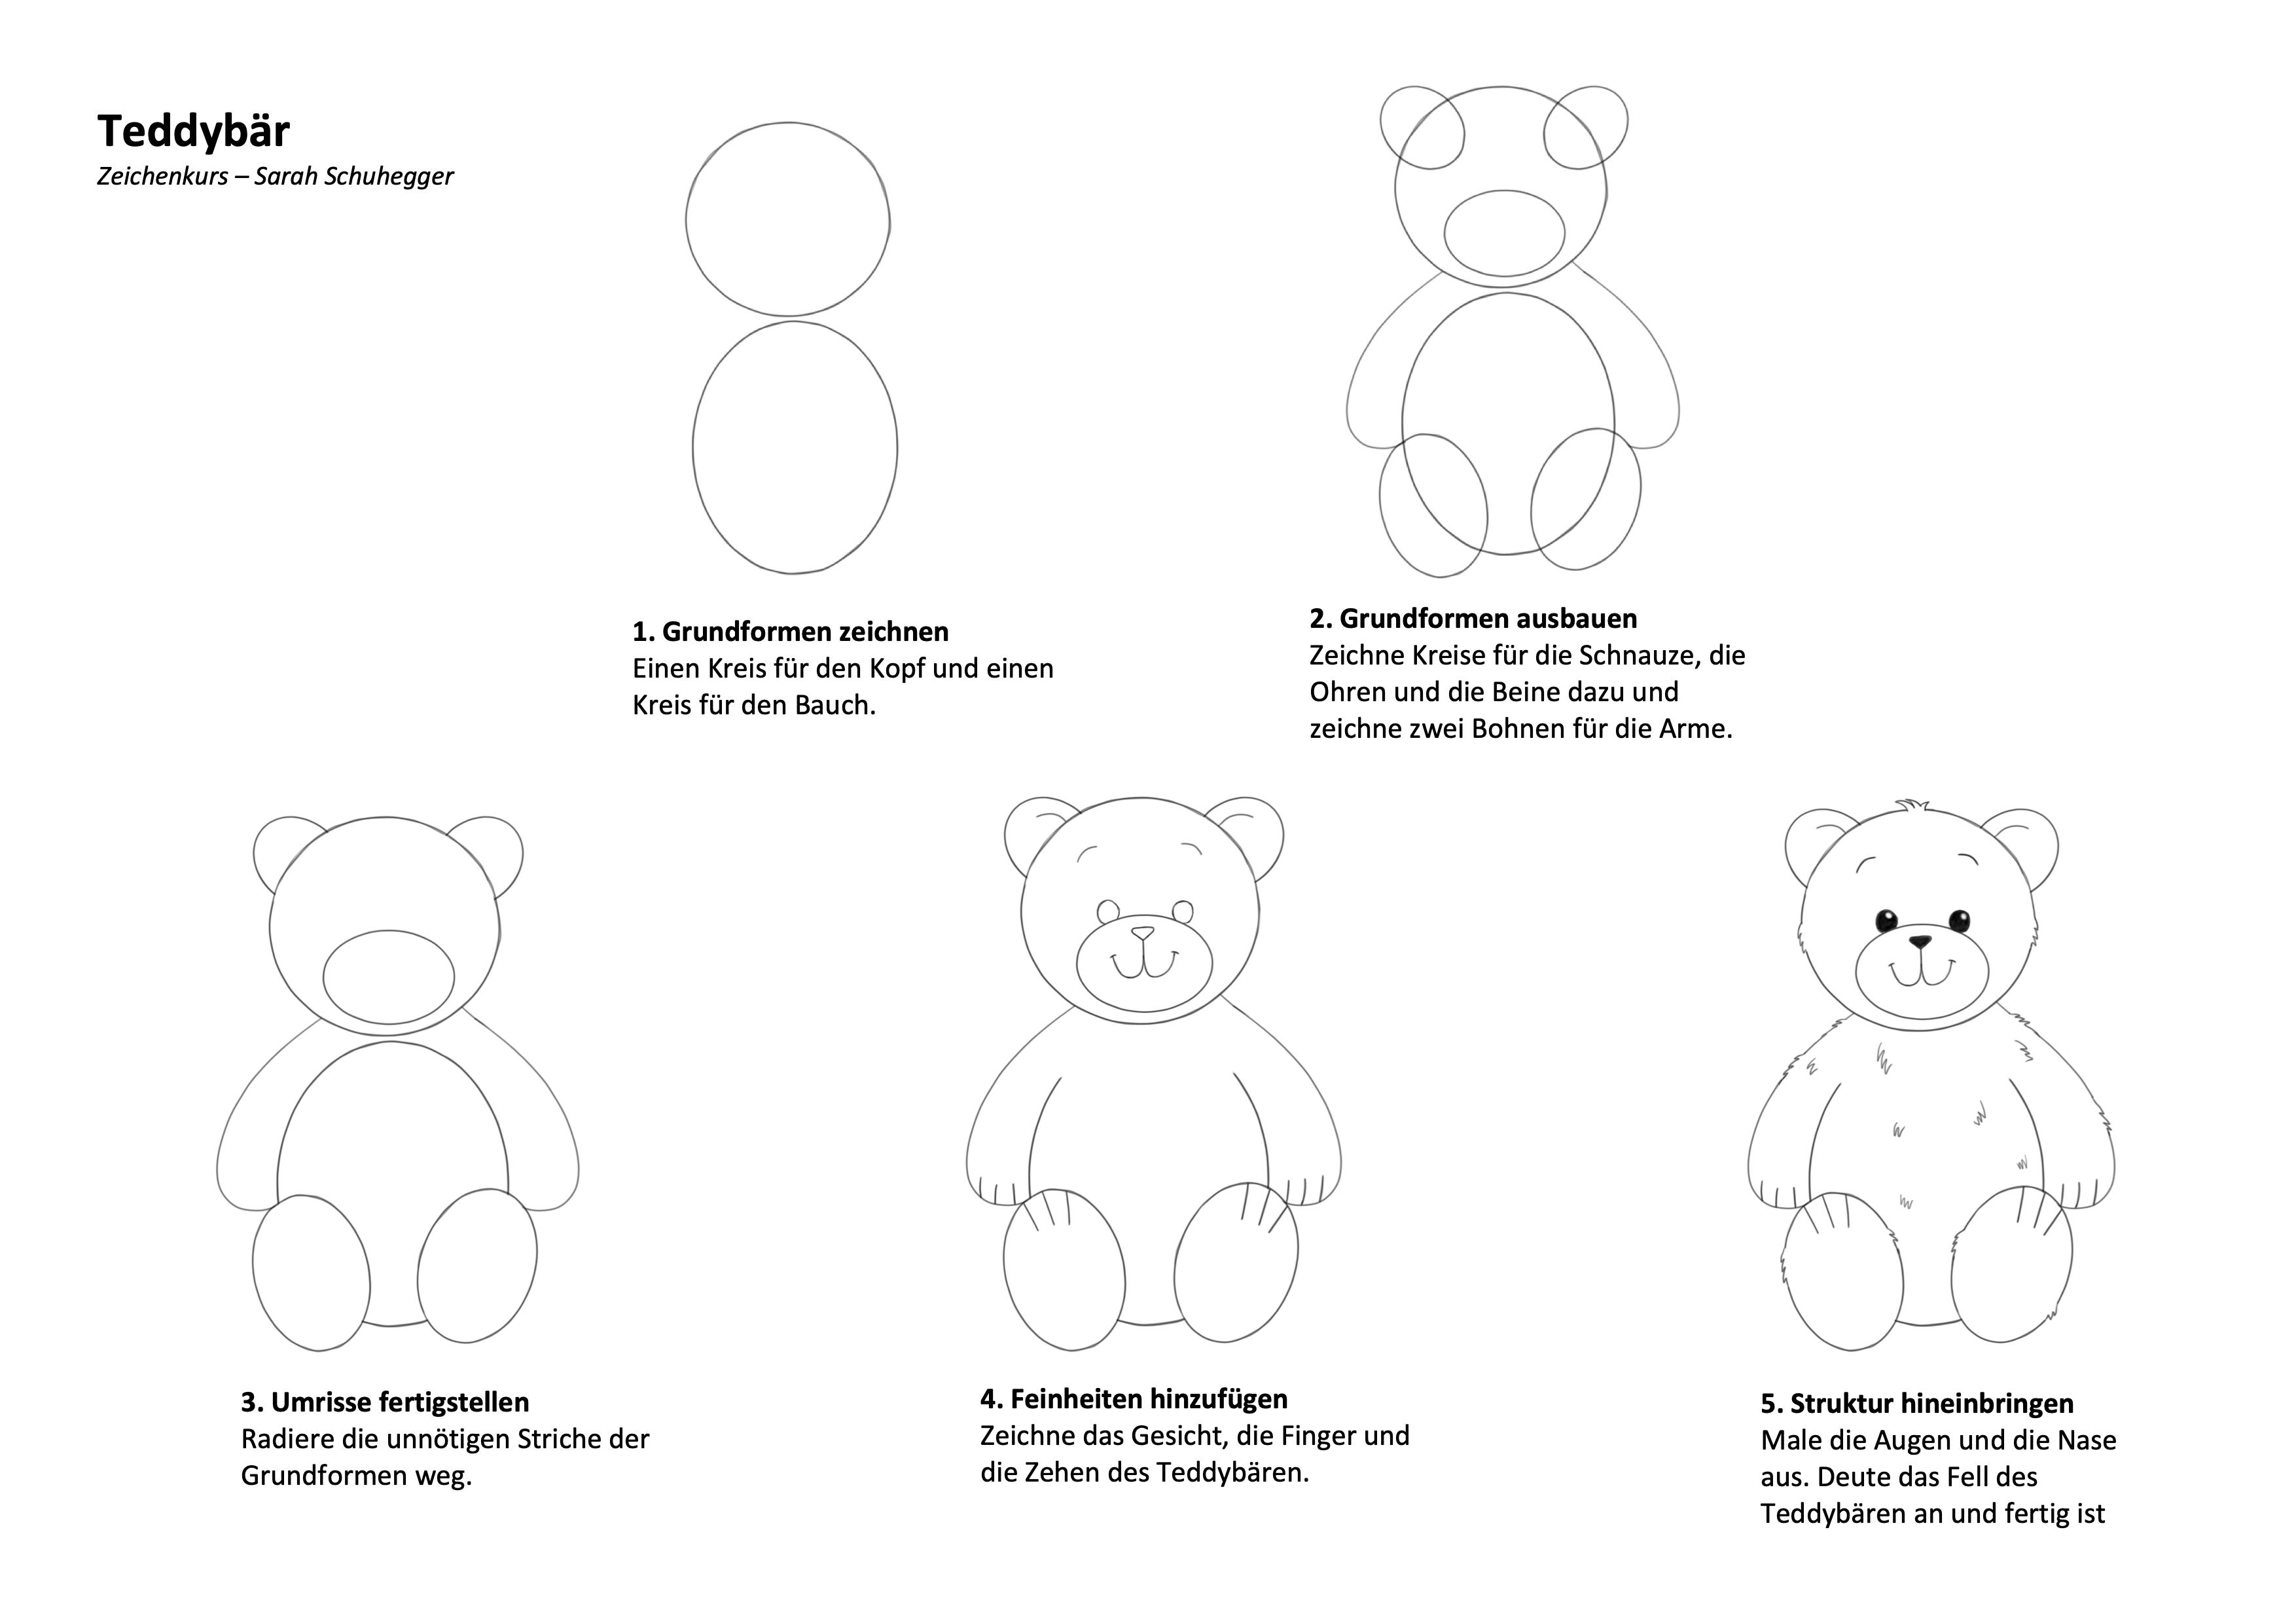 Teddybär Zeichenanleitung